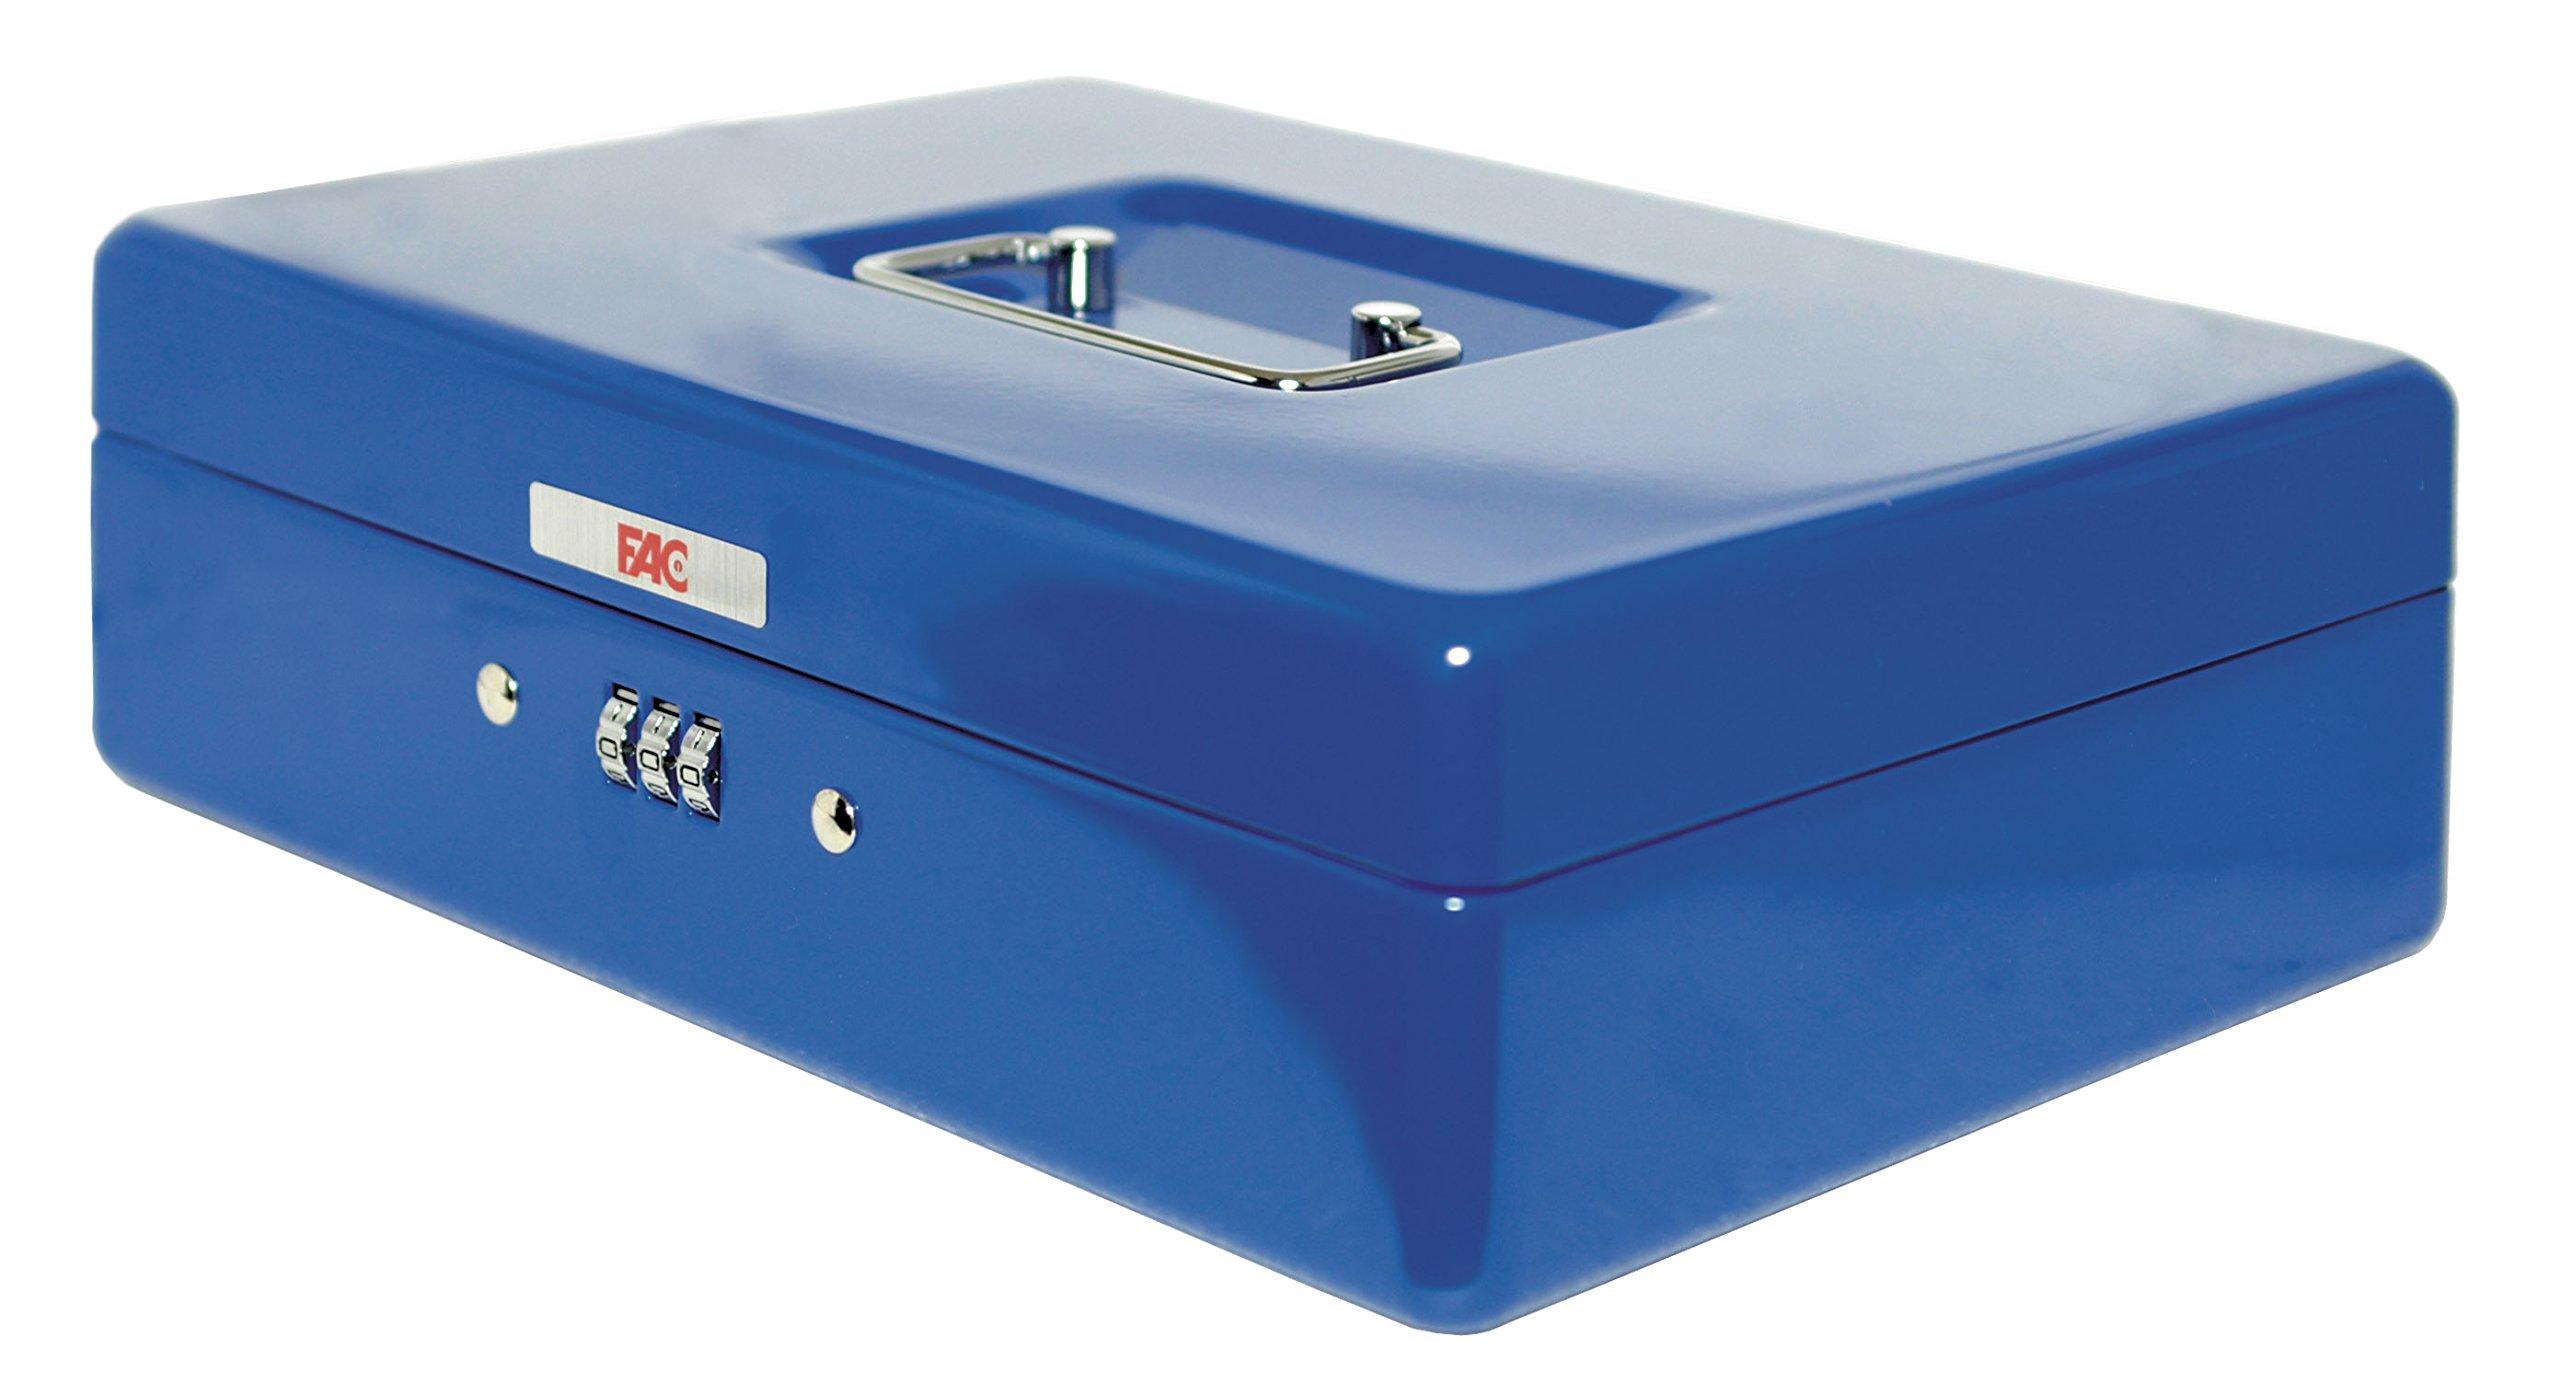 FAC 17046 Caja de caudales, Azul: Amazon.es: Bricolaje y herramientas